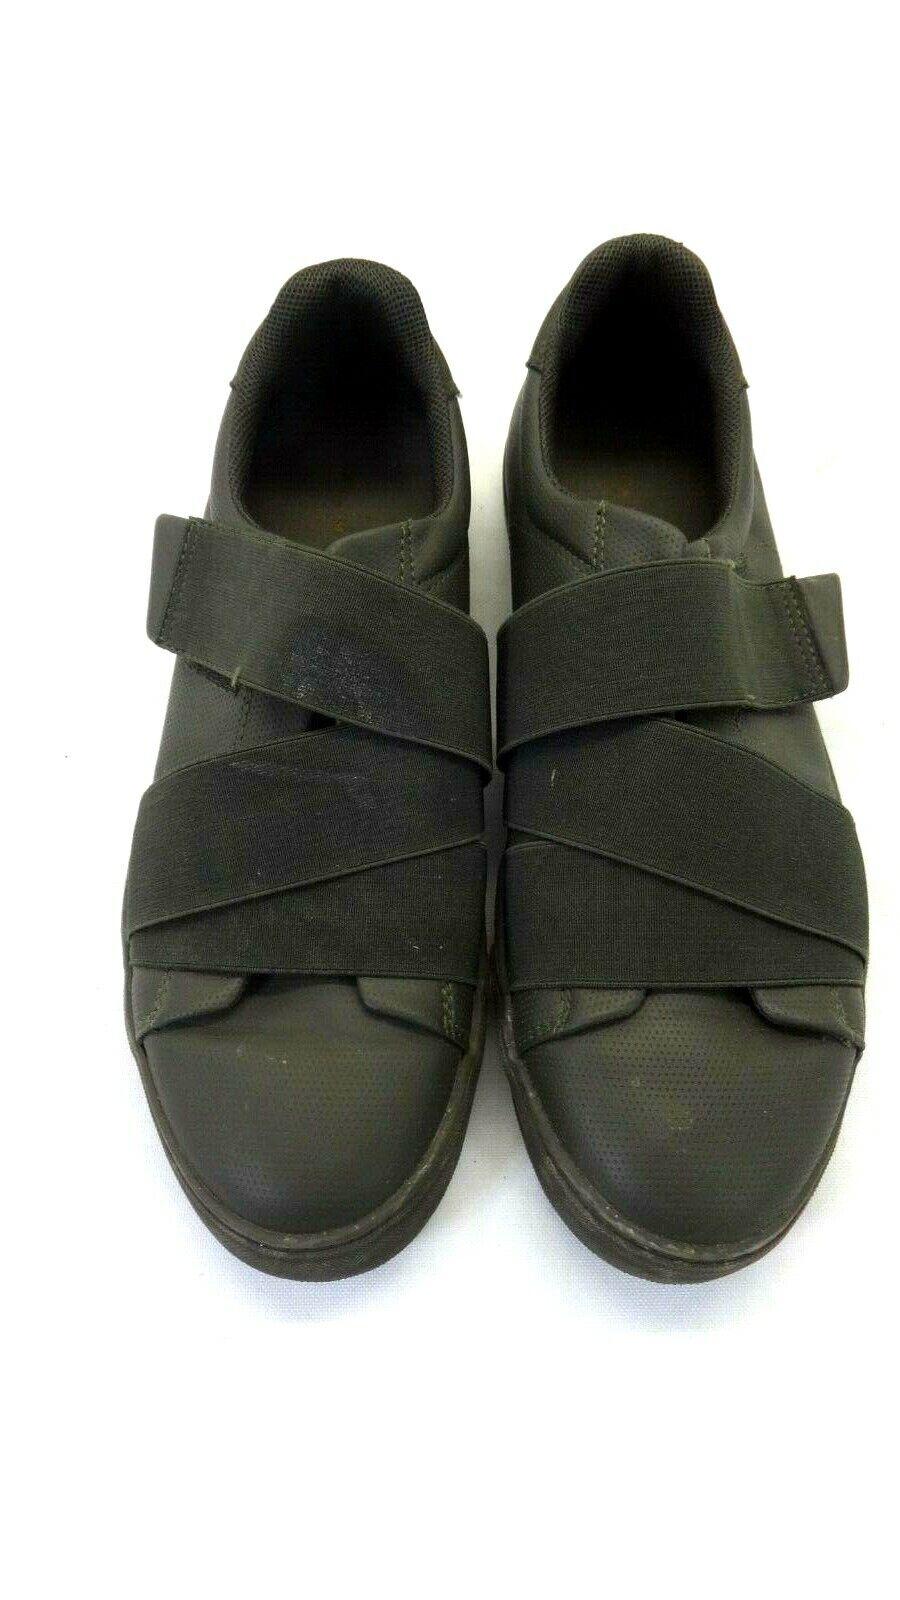 nuevo estilo 25210 12360 Detalles de Zara Man Negro de Hombre & Gris Zapatillas Elástico Cruzado  Correas 41 Derecho